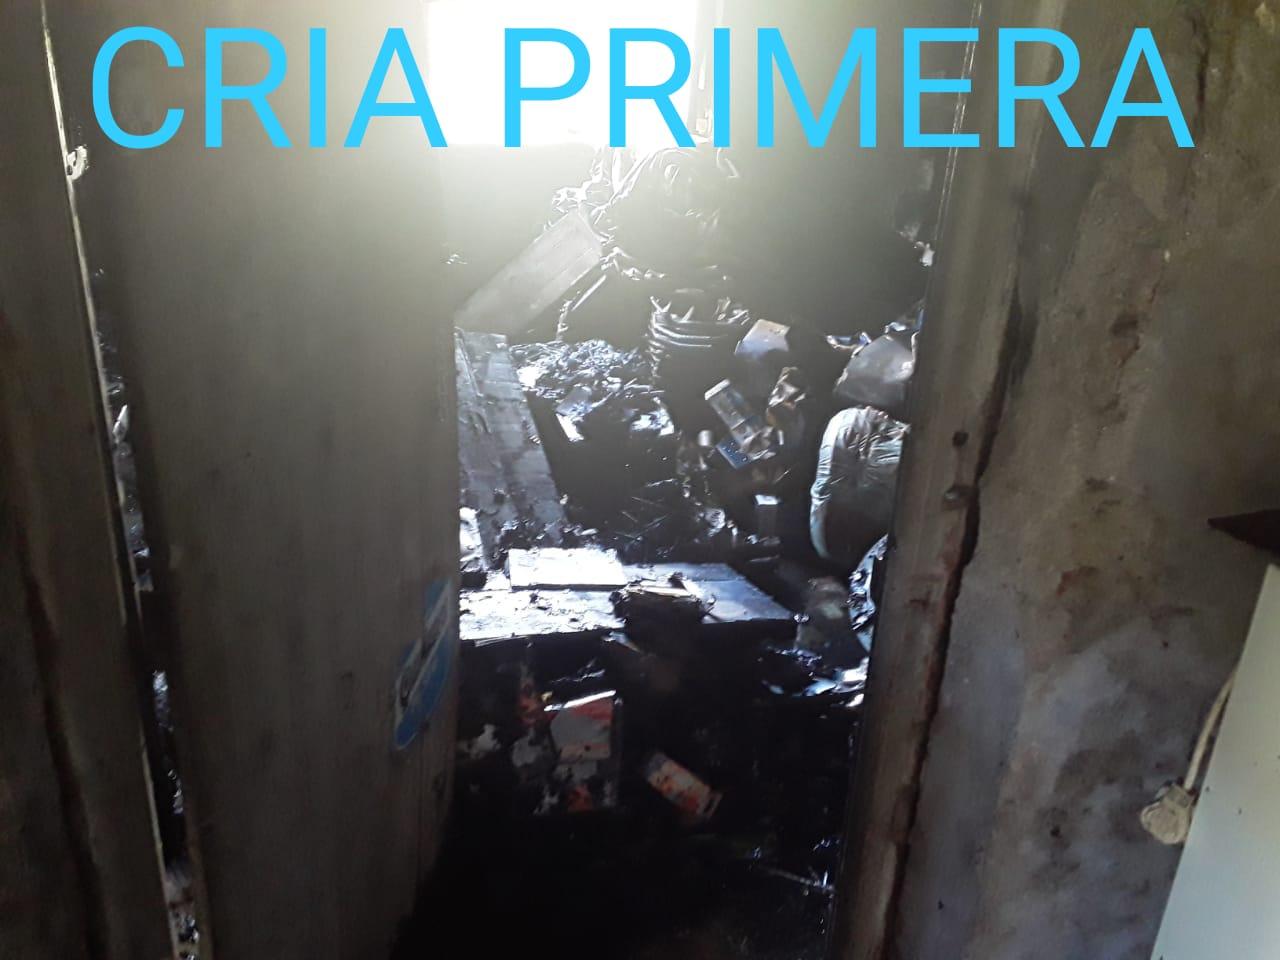 Villa Ángela: UN INCENDIO EN CALLE JUJUY PROVOCA GRAVES DAÑOS MATERIALES